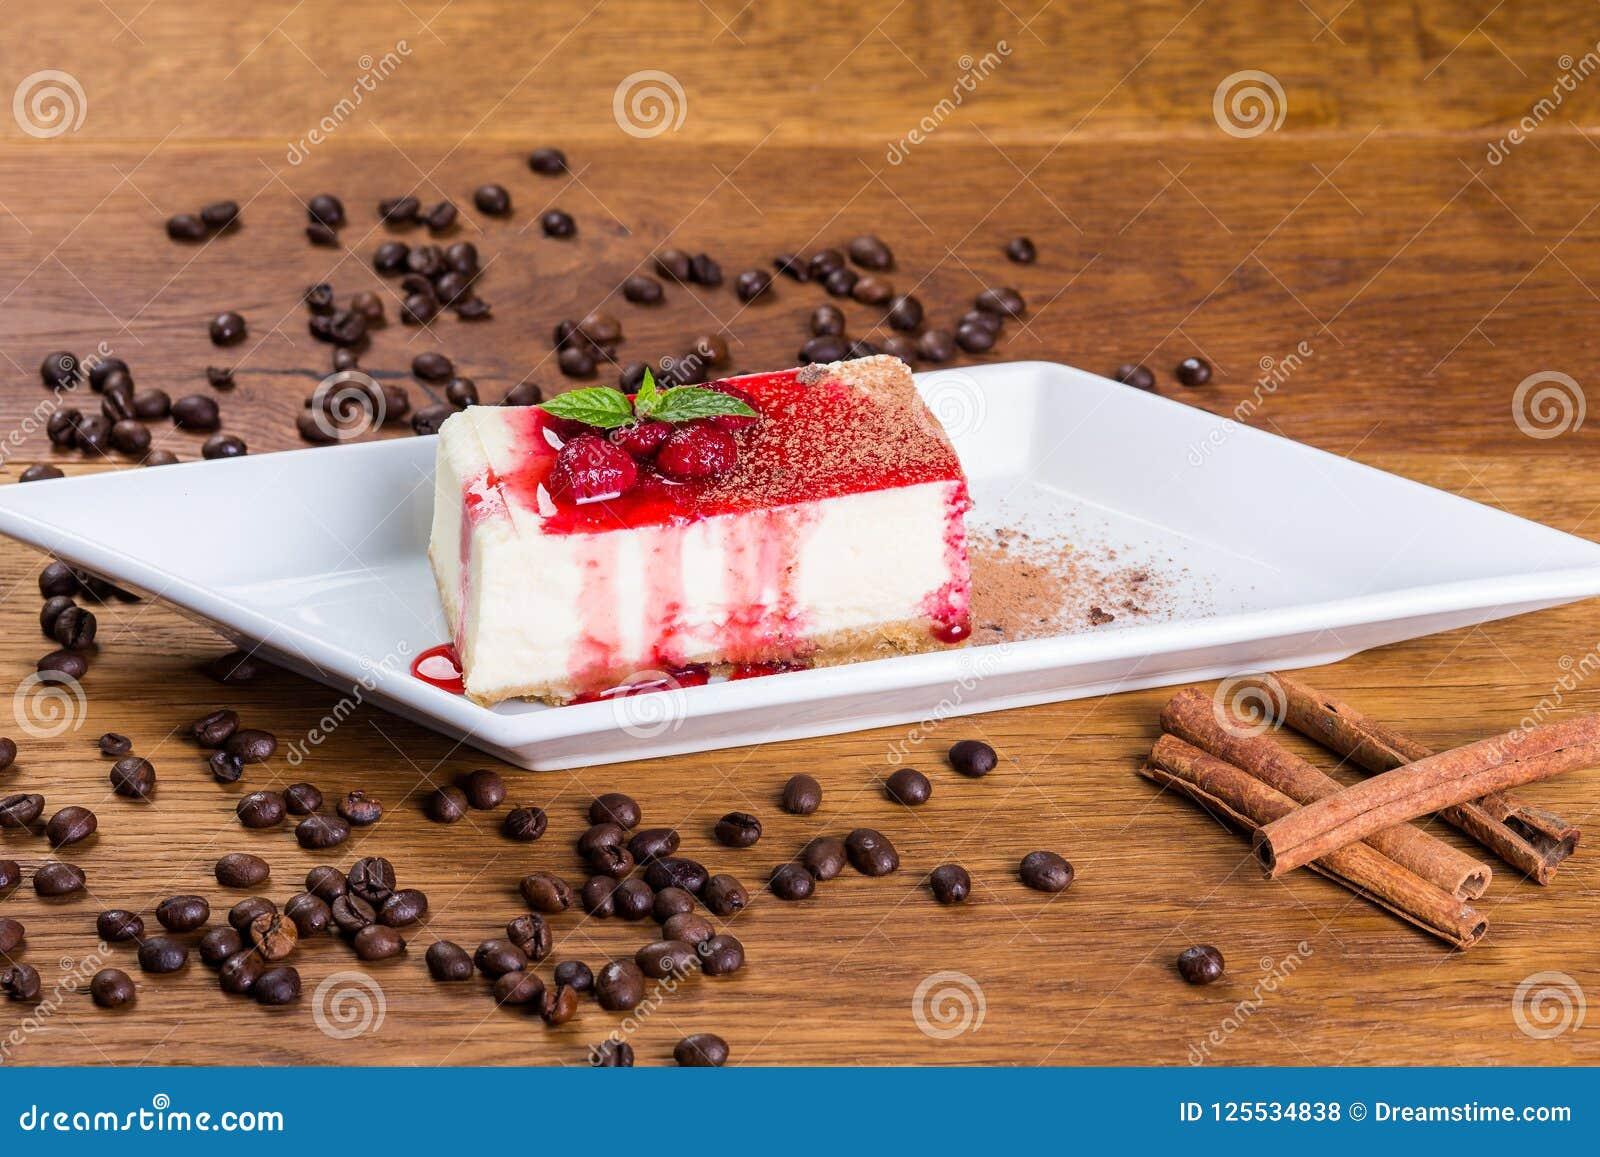 Dessert Gâteau au fromage de lait caillé avec les framboises et le sirop de framboise